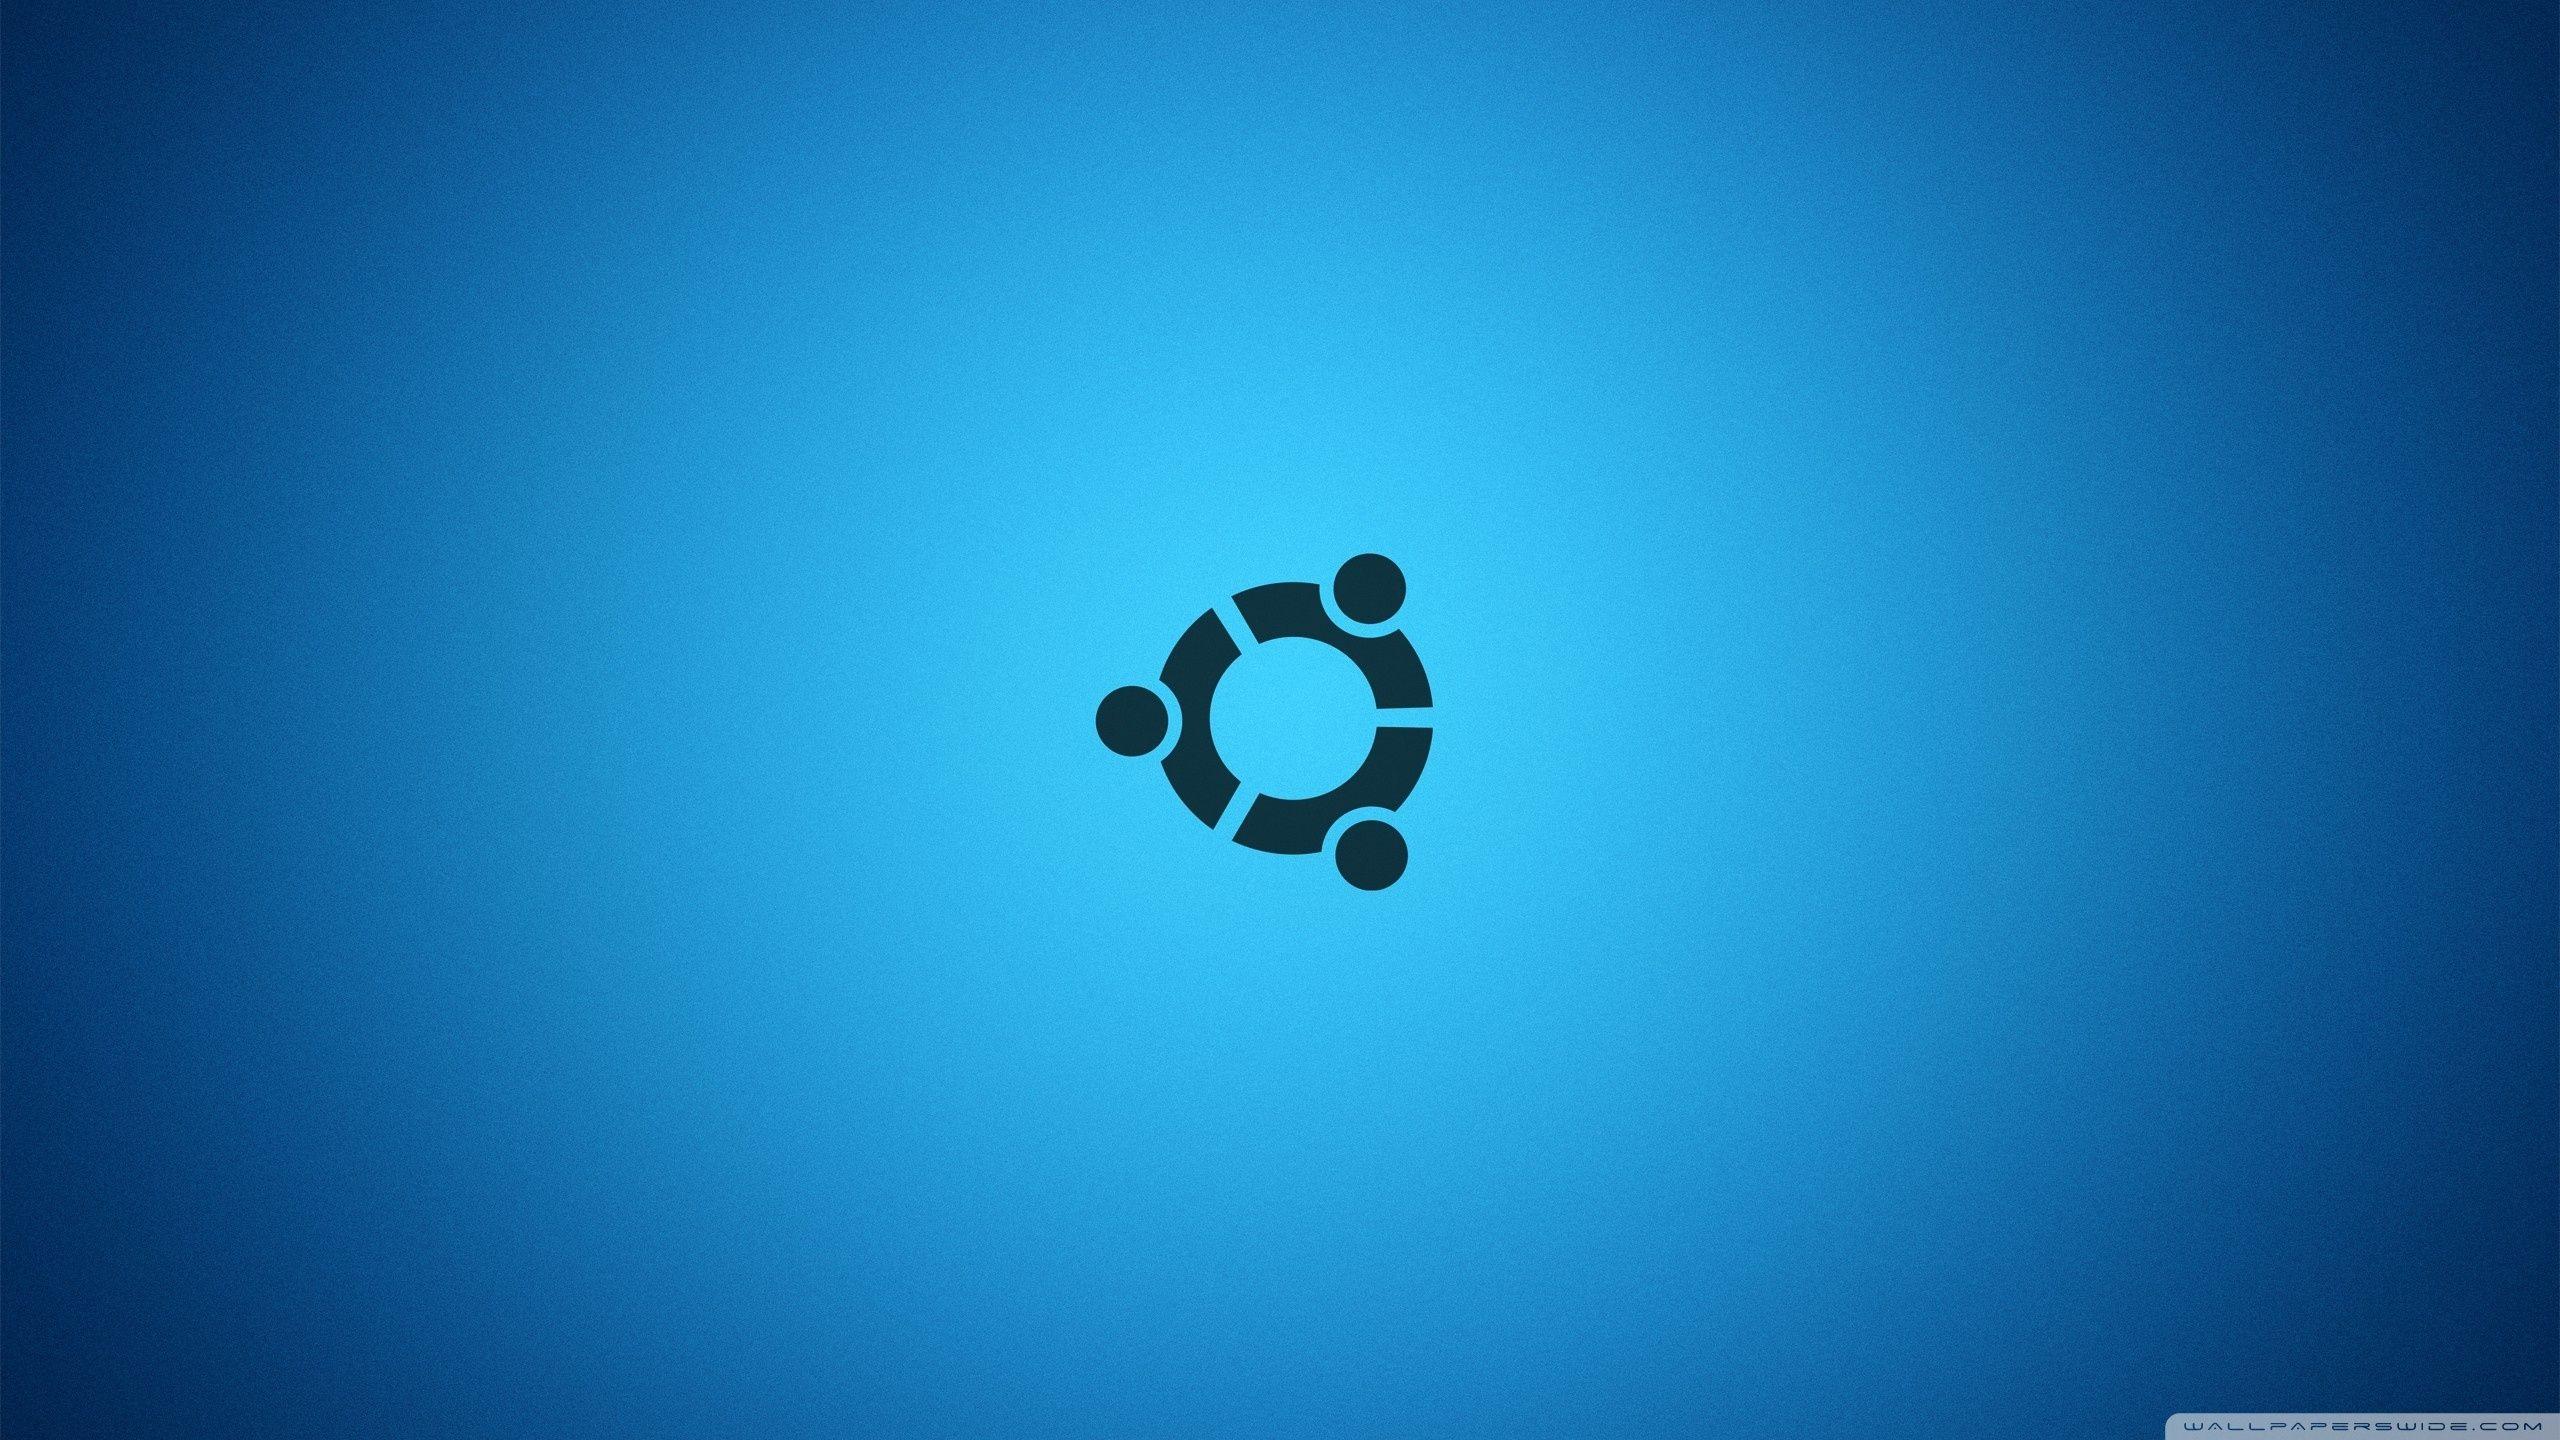 desktop background ubuntu download desktop background ubuntu hd download desktop background ubuntu from the